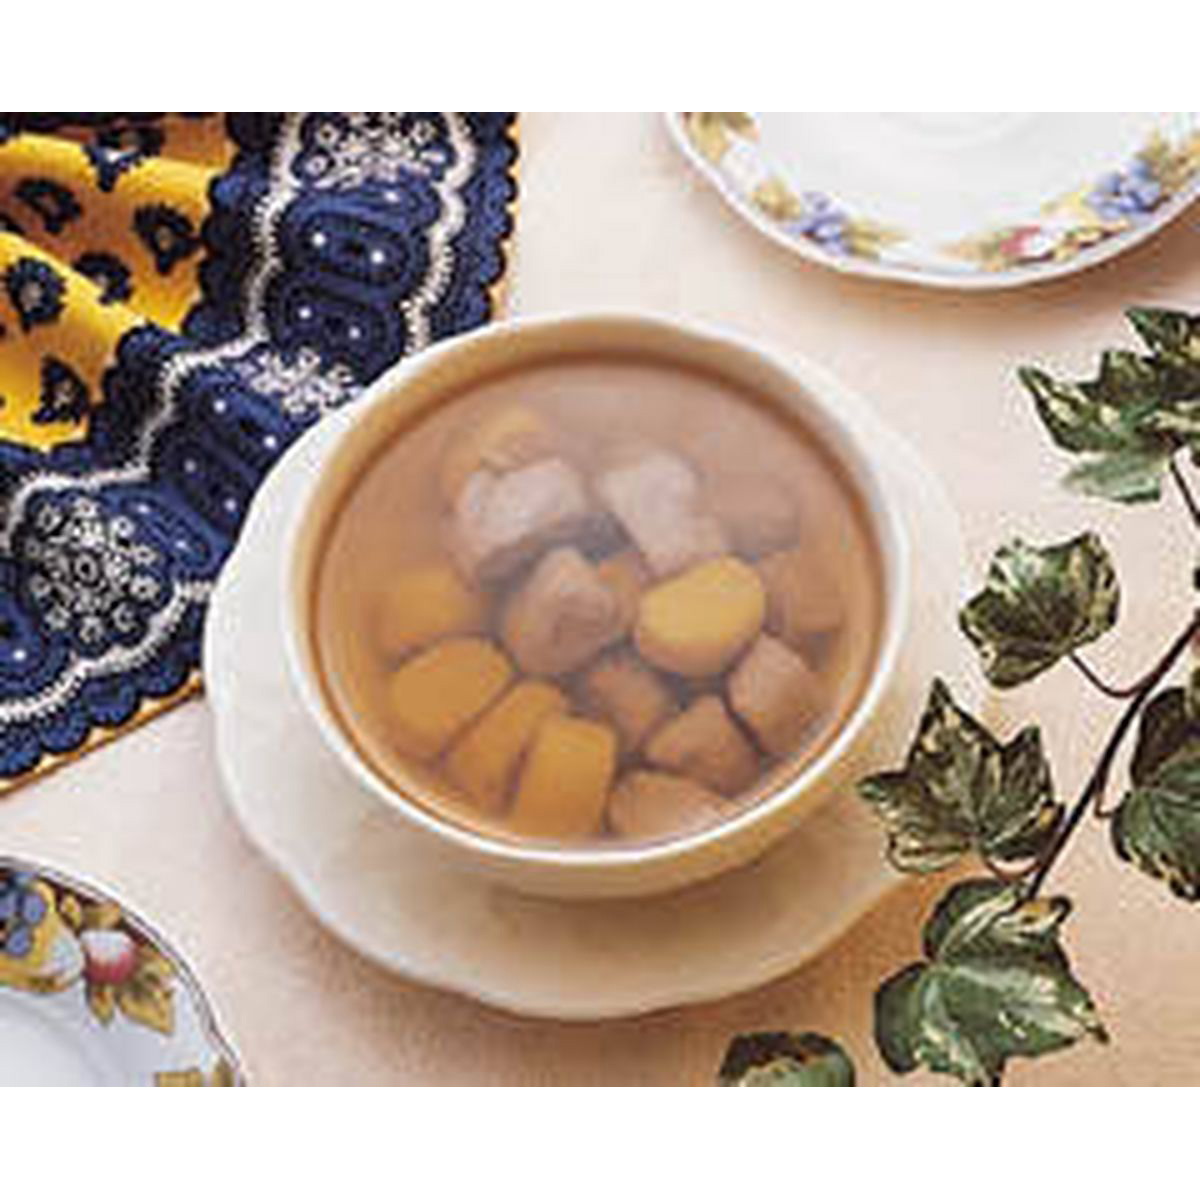 食譜:芋圓•地瓜圓